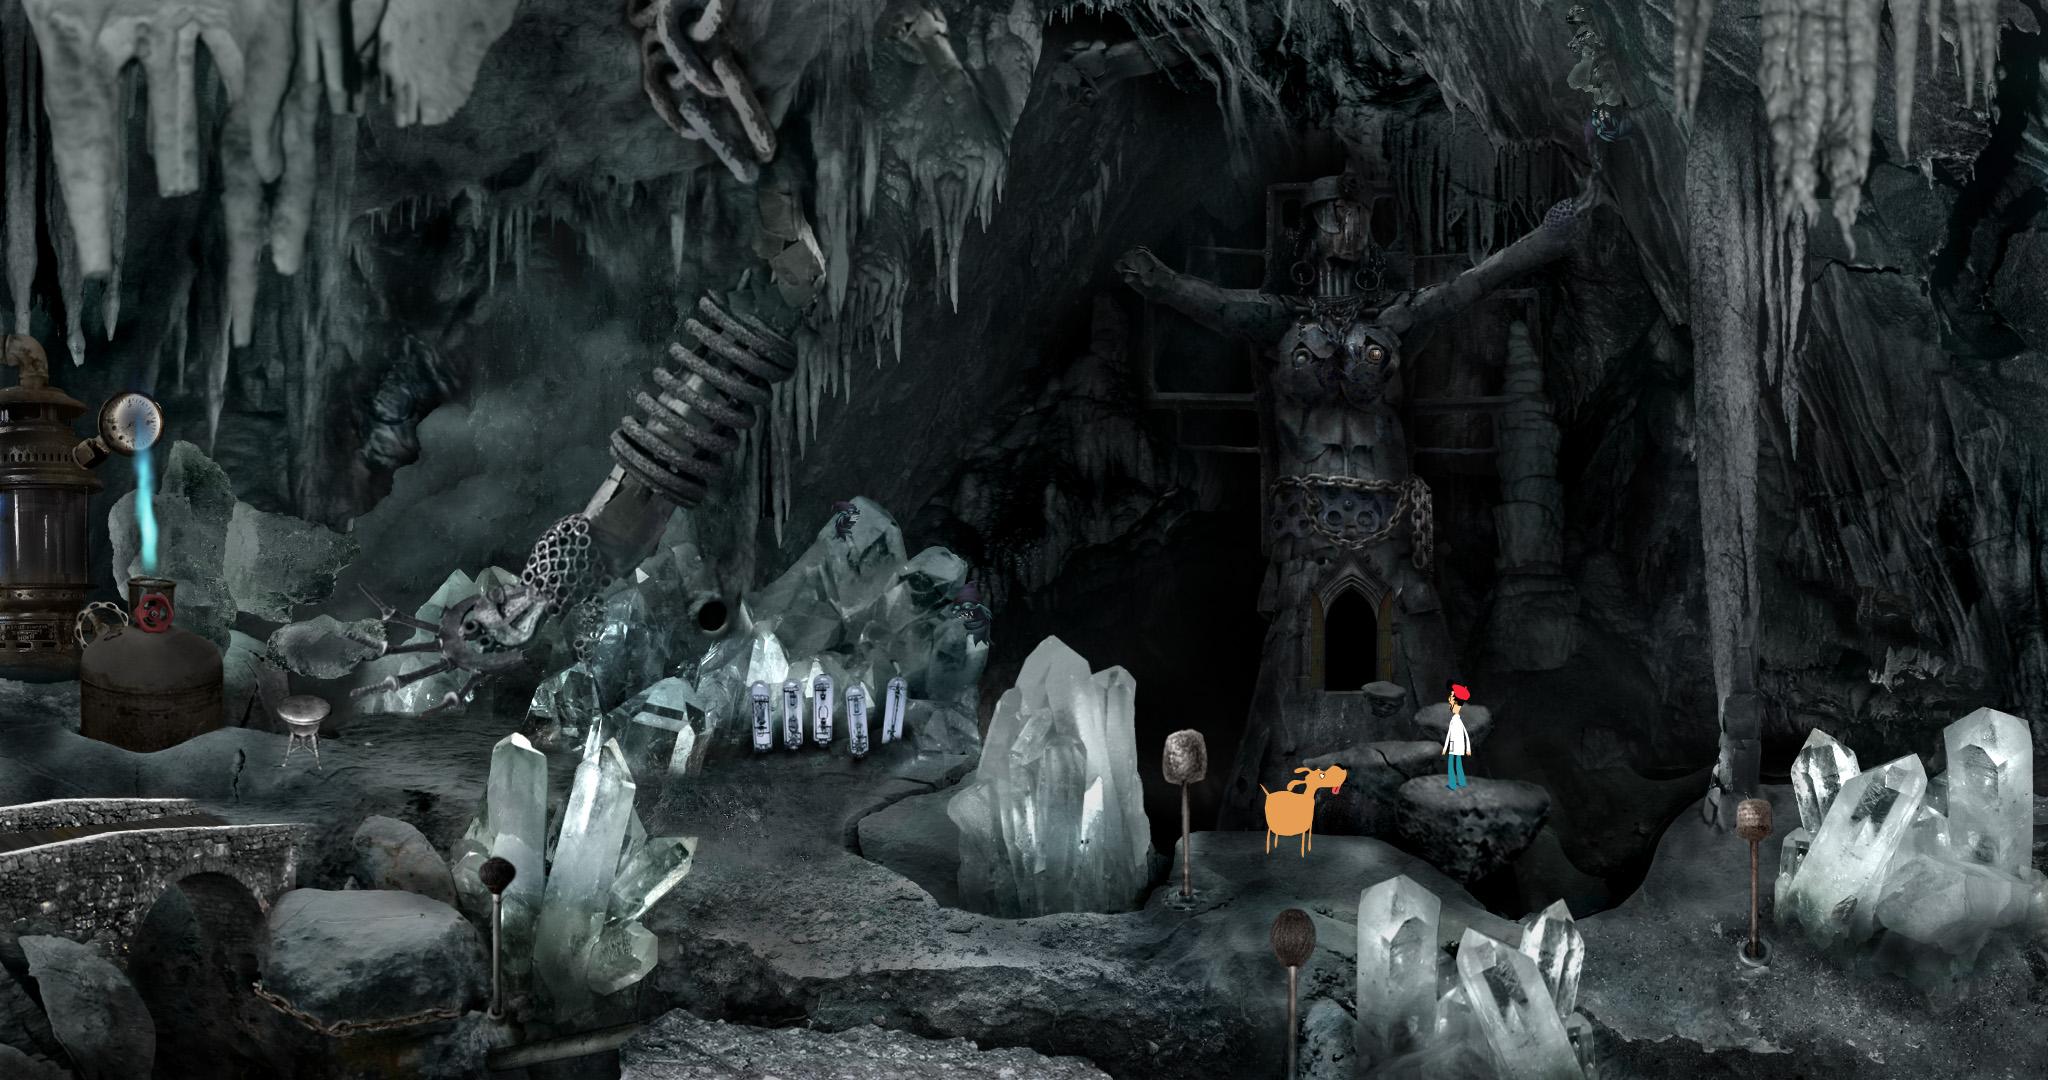 tvorba počítačových her - adventura